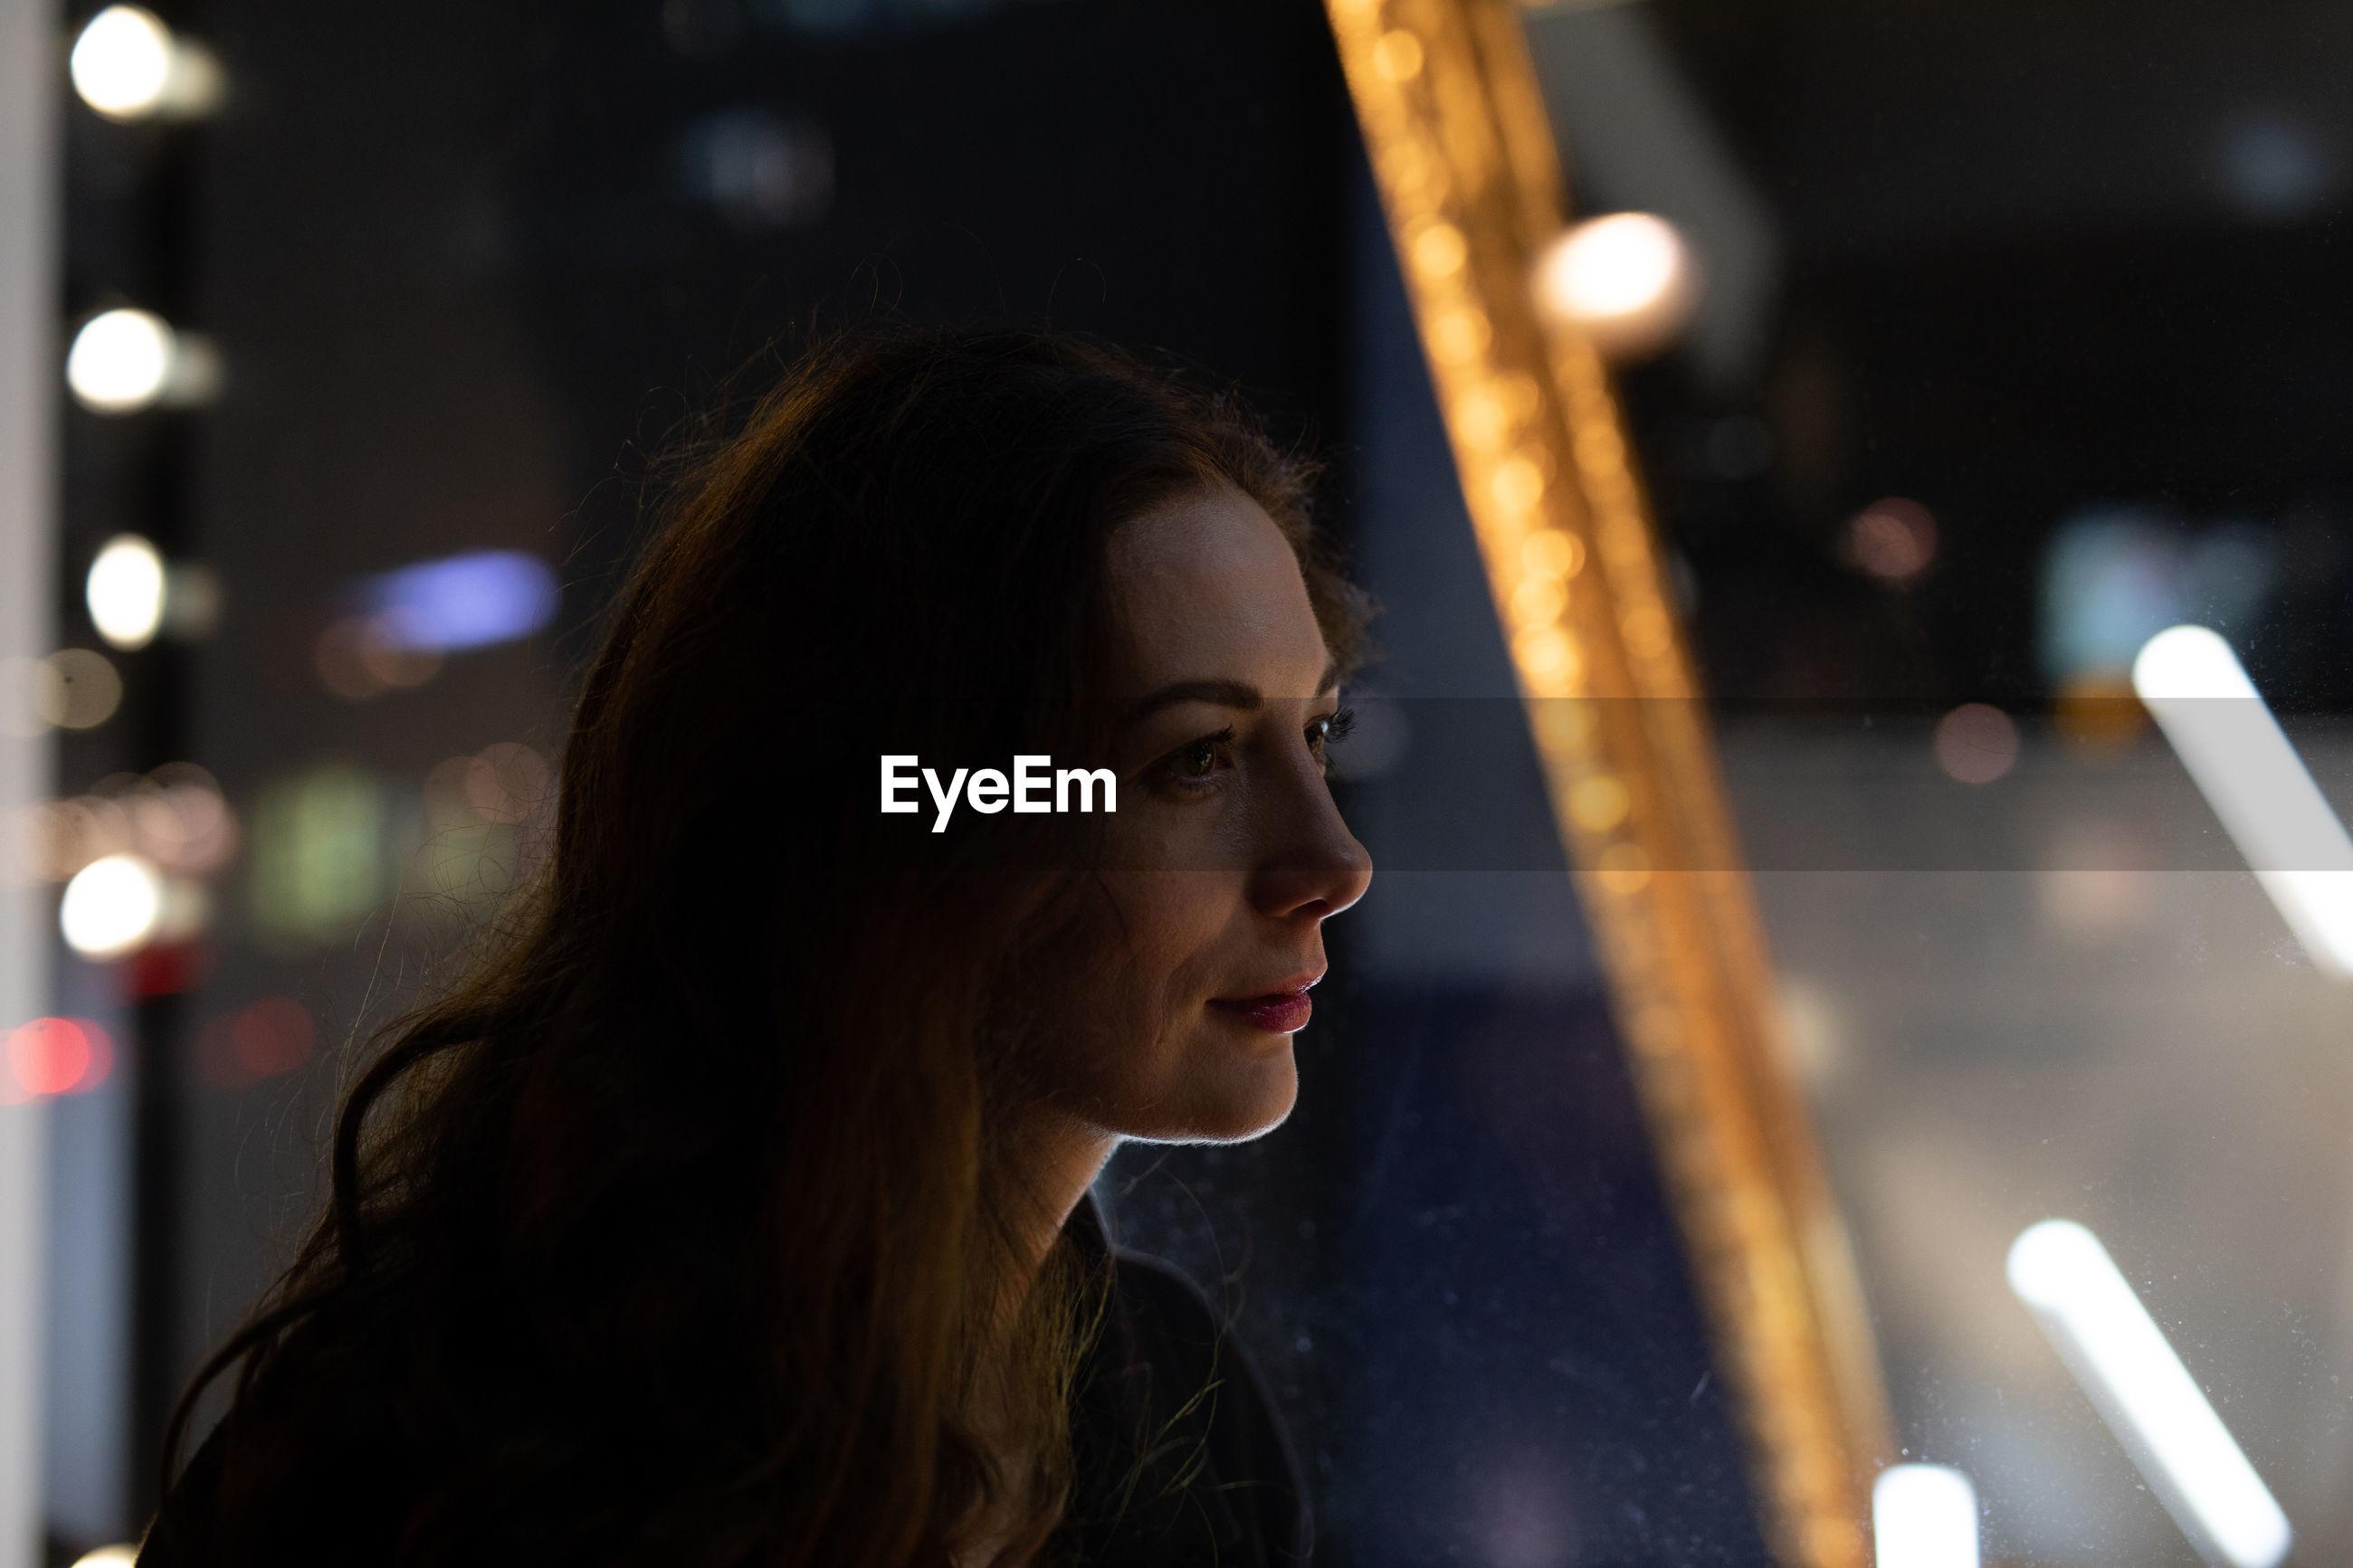 Woman looking away at night